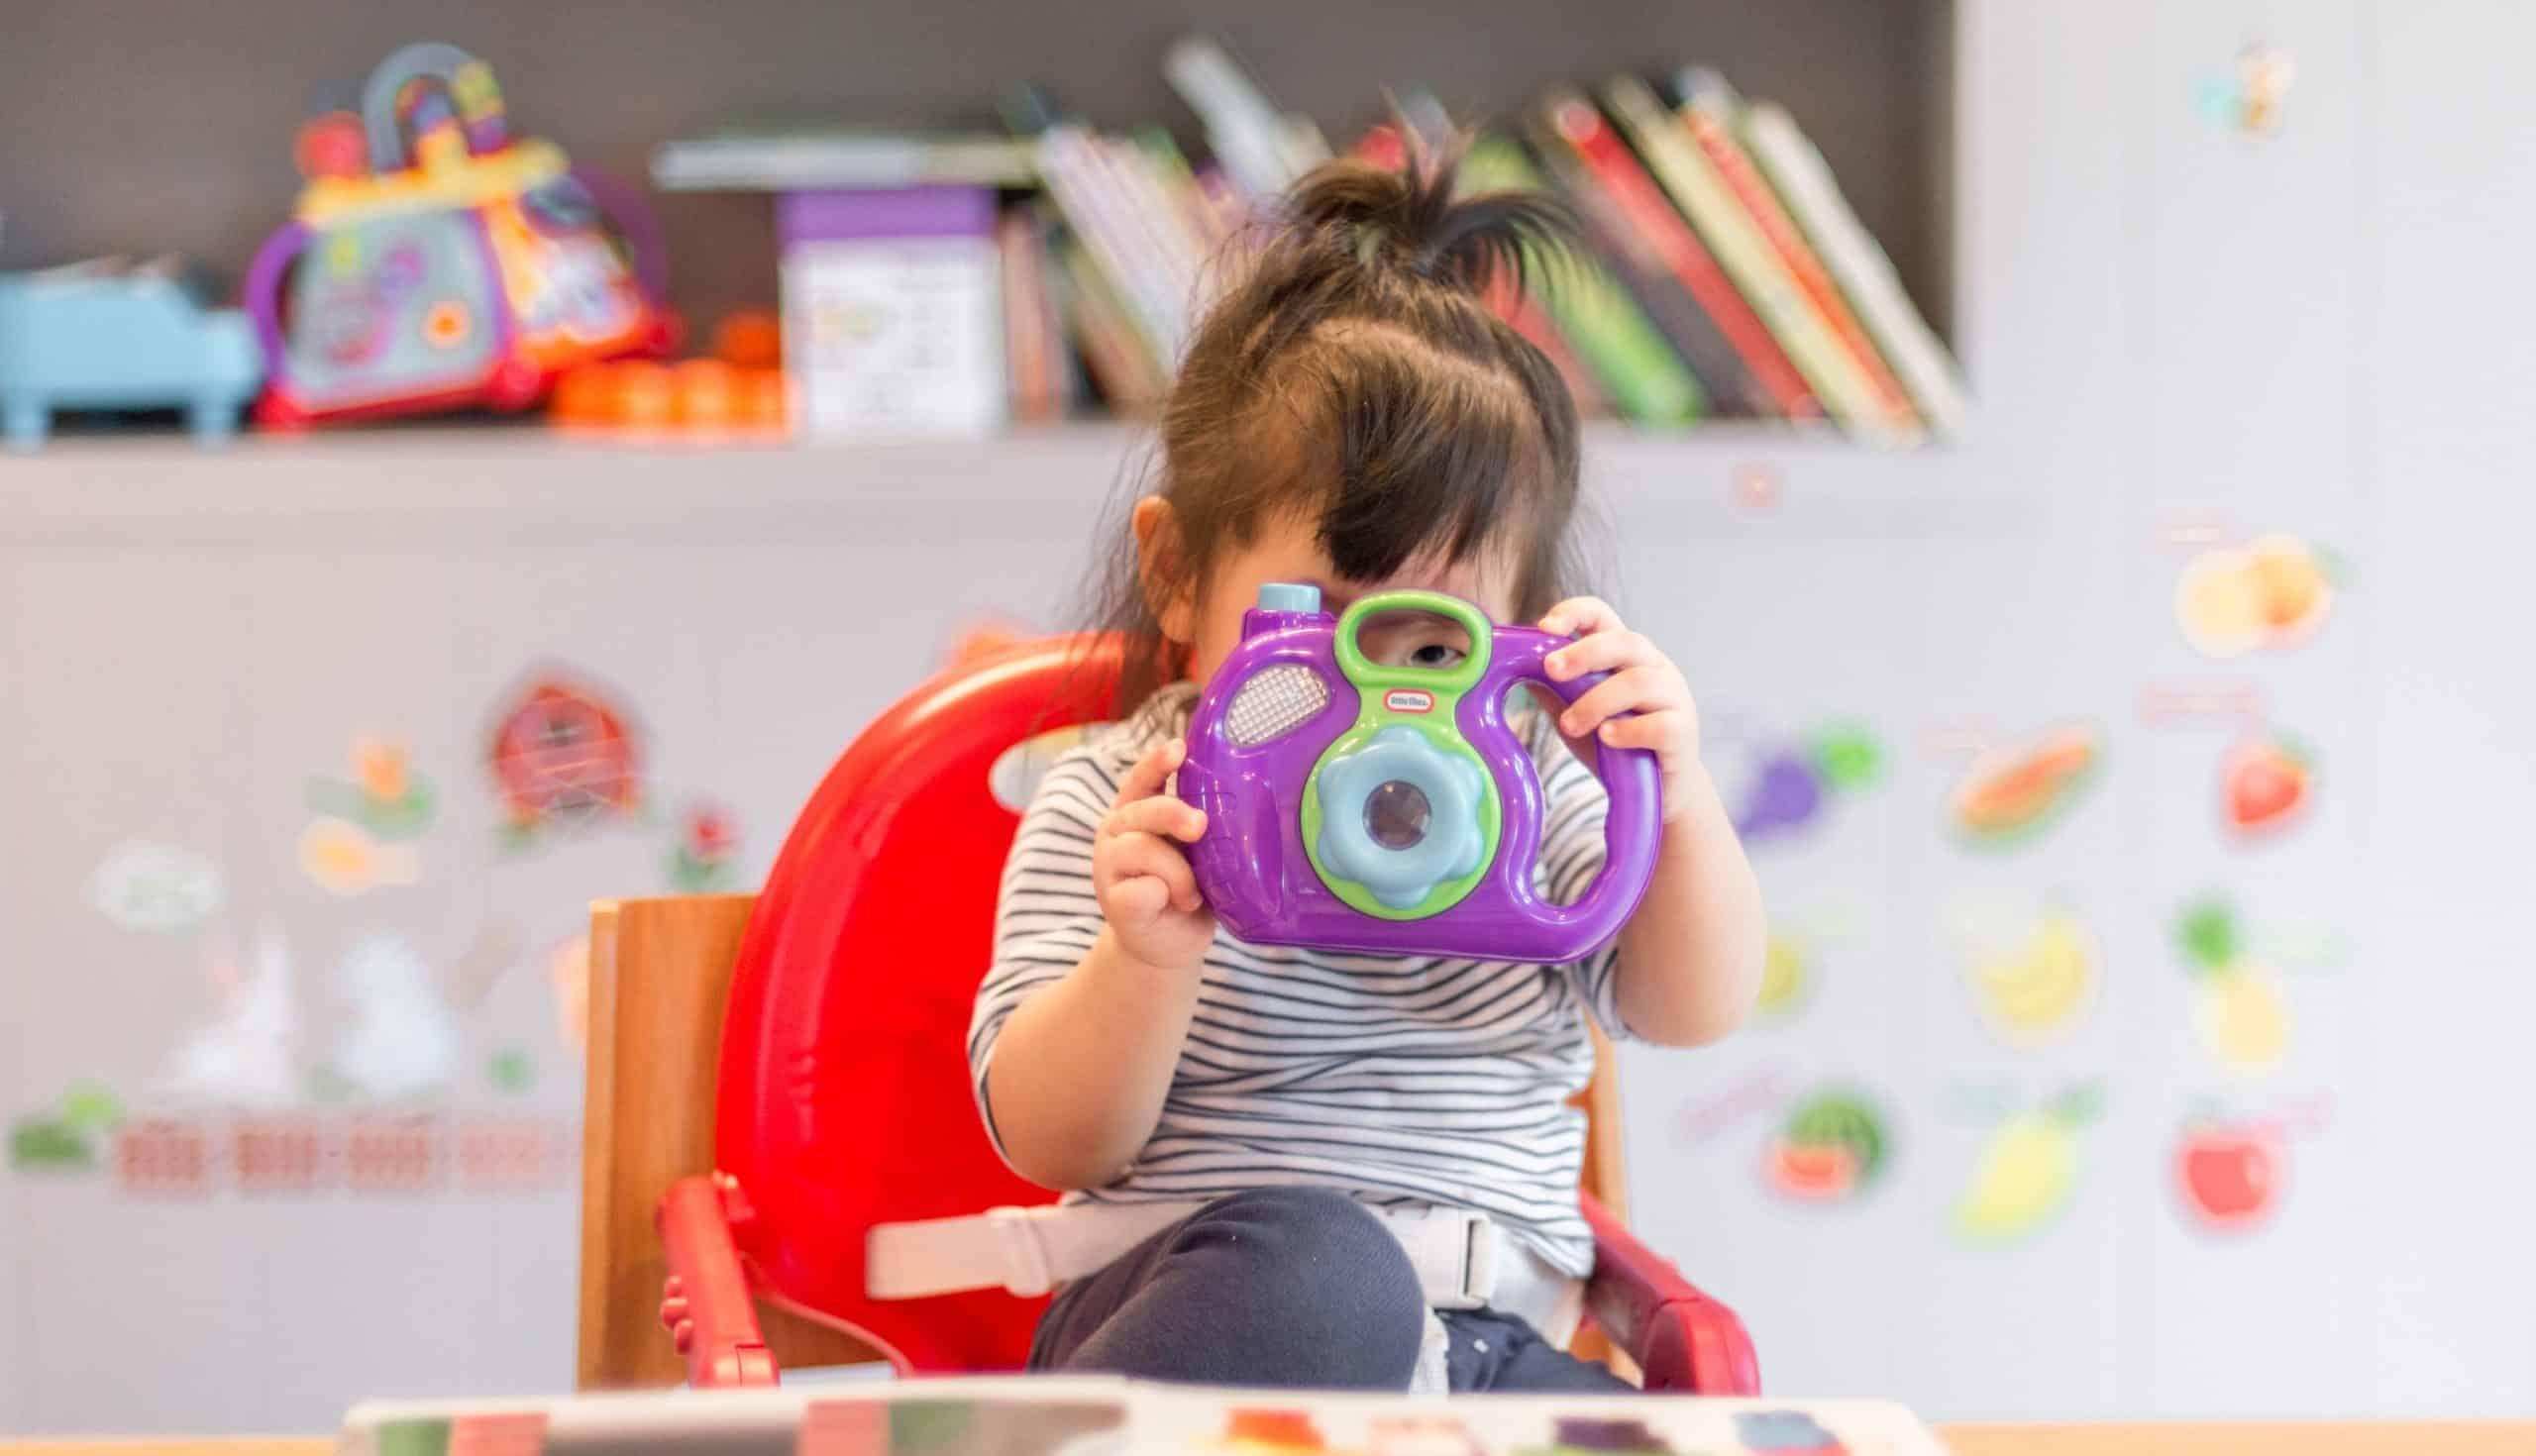 Whitepaper brandportal voor de kinderopvang branche communicatie bestellen drukwerk en ontwerpen